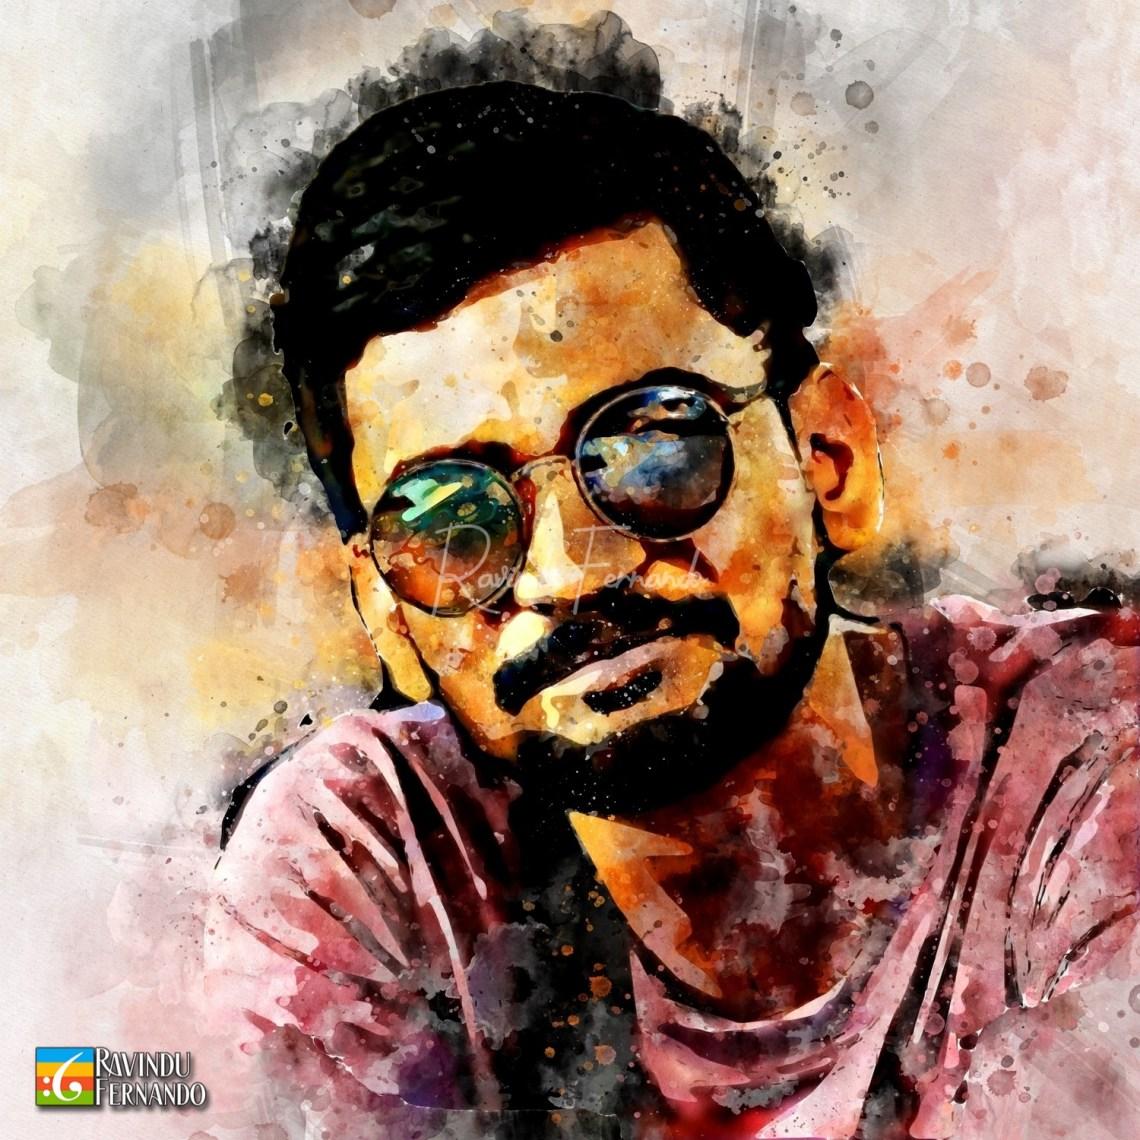 Randika Gunathilake - Digital Watercolor Painting